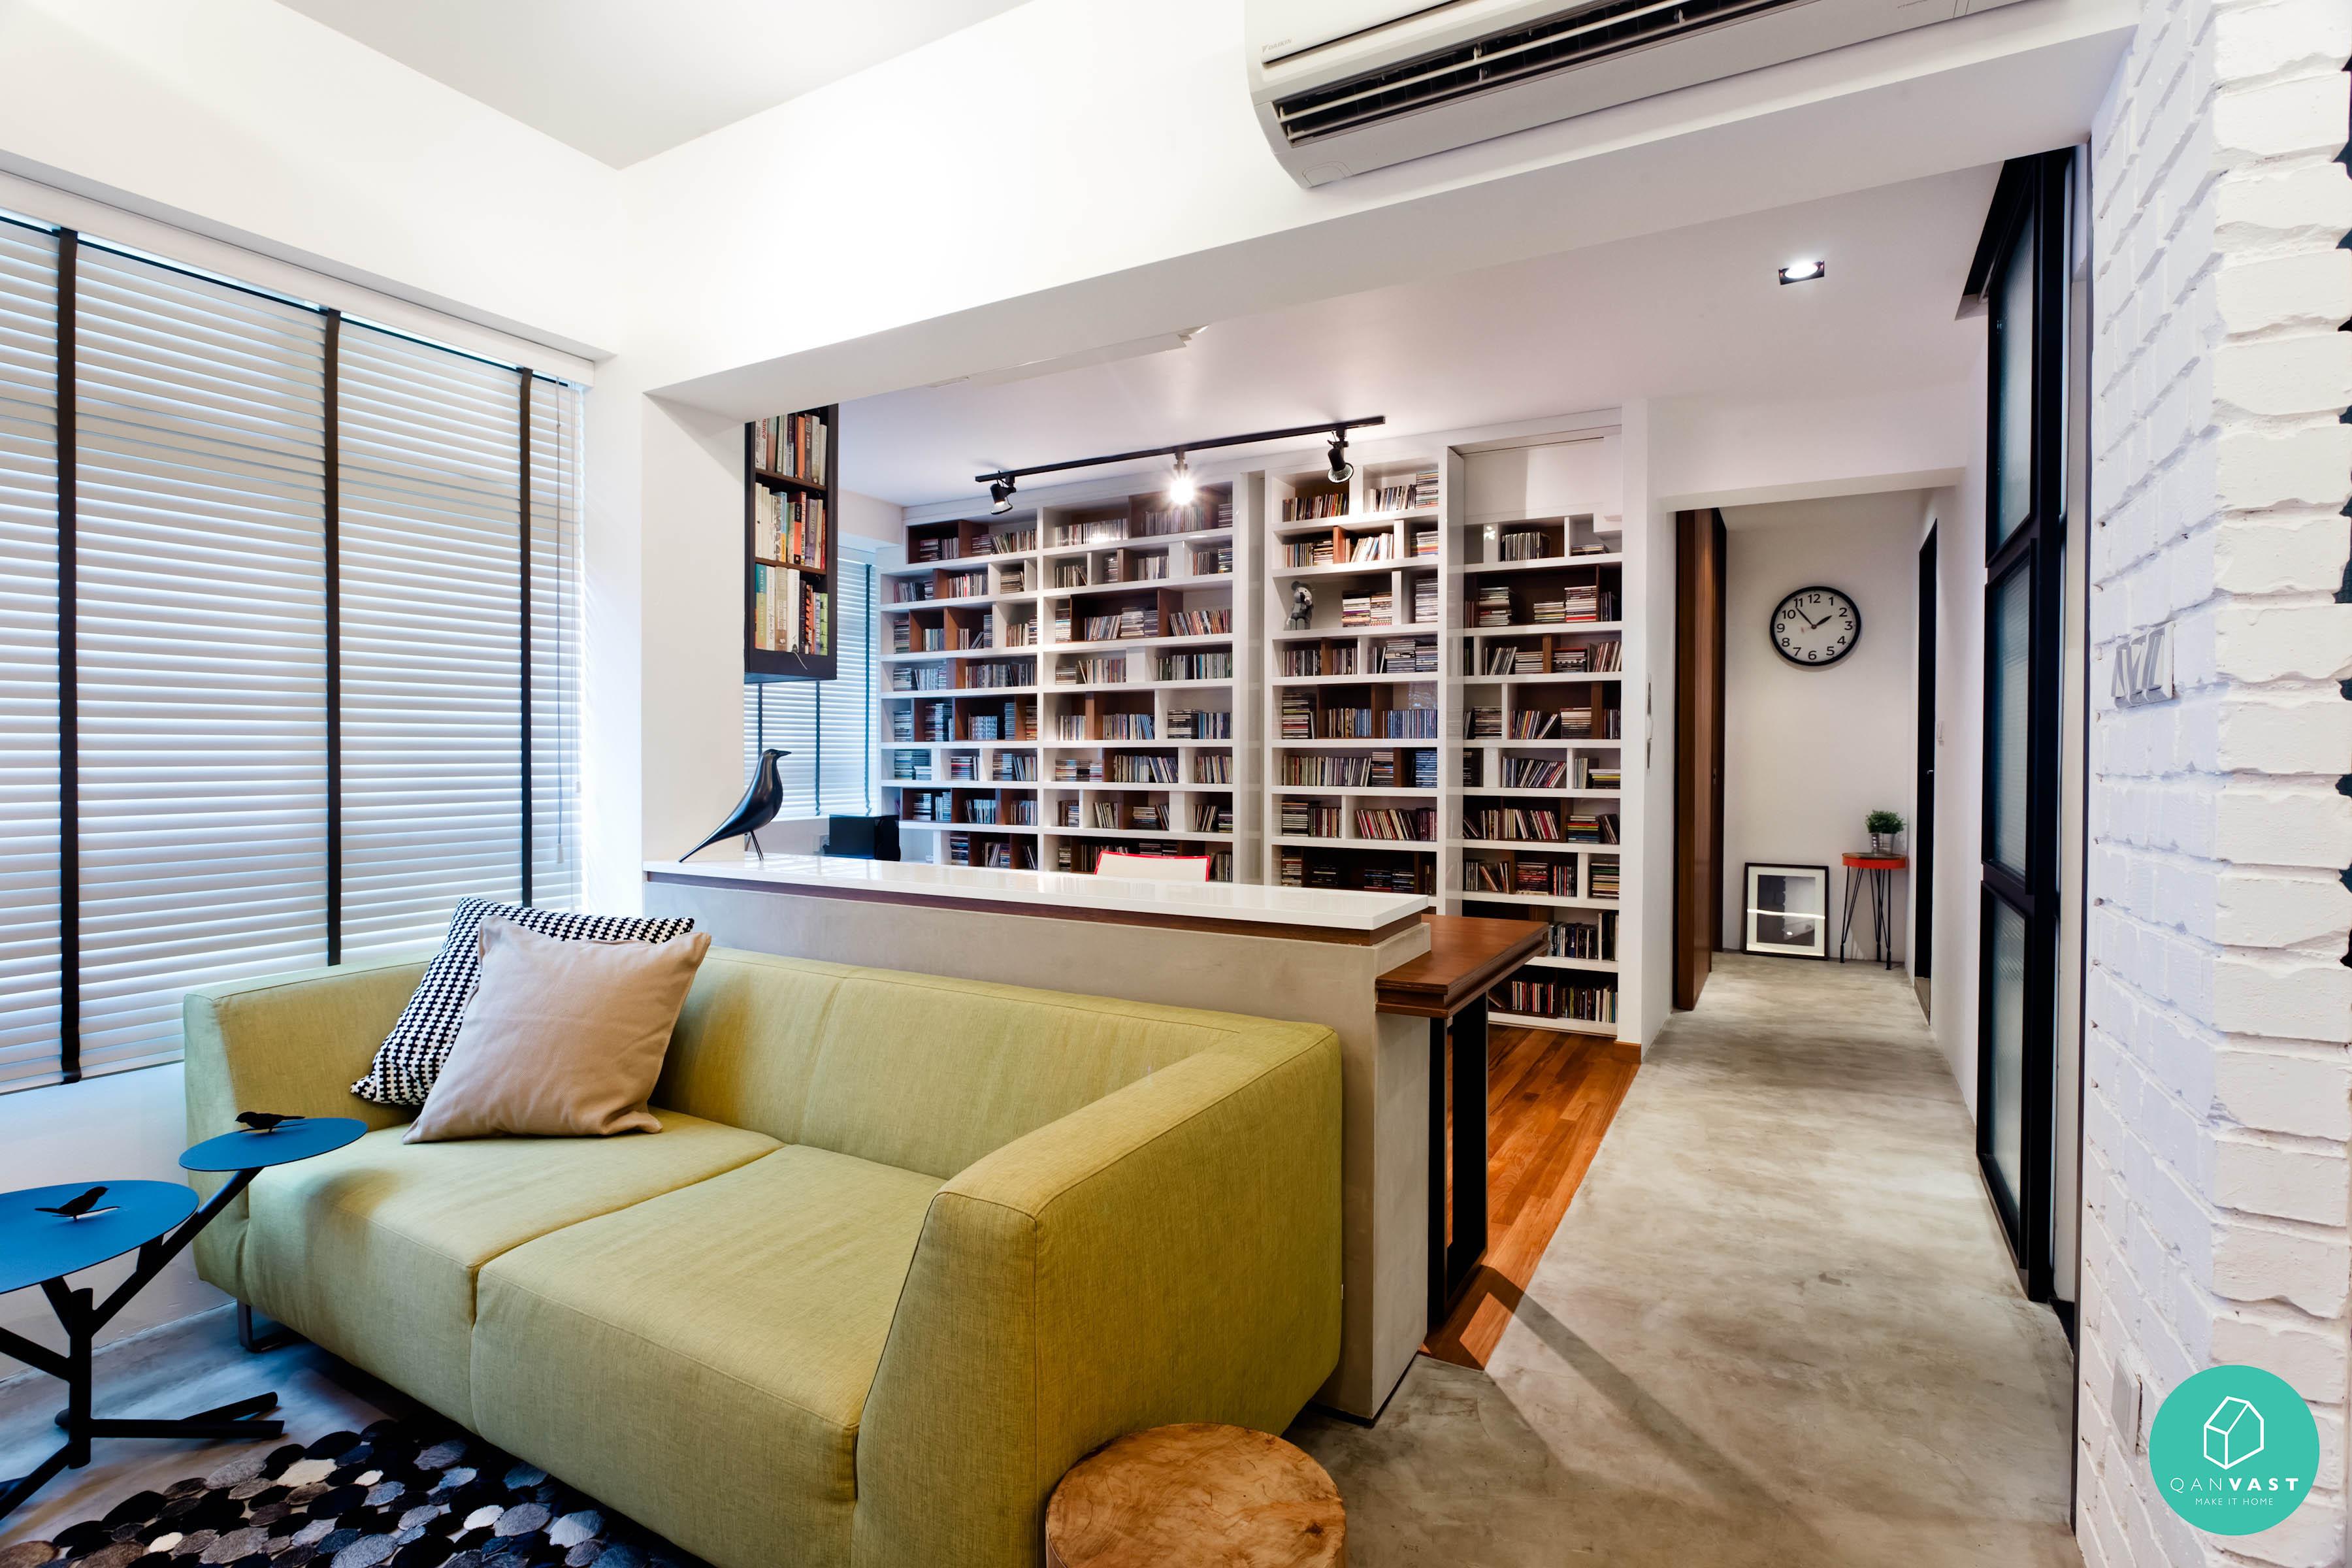 64508dd0 B901 41b9 Bda9 133fe1ef84d5 (3600×2400) | Home Design Ideas |  Pinterest | Condos, Living Rooms And Interiors